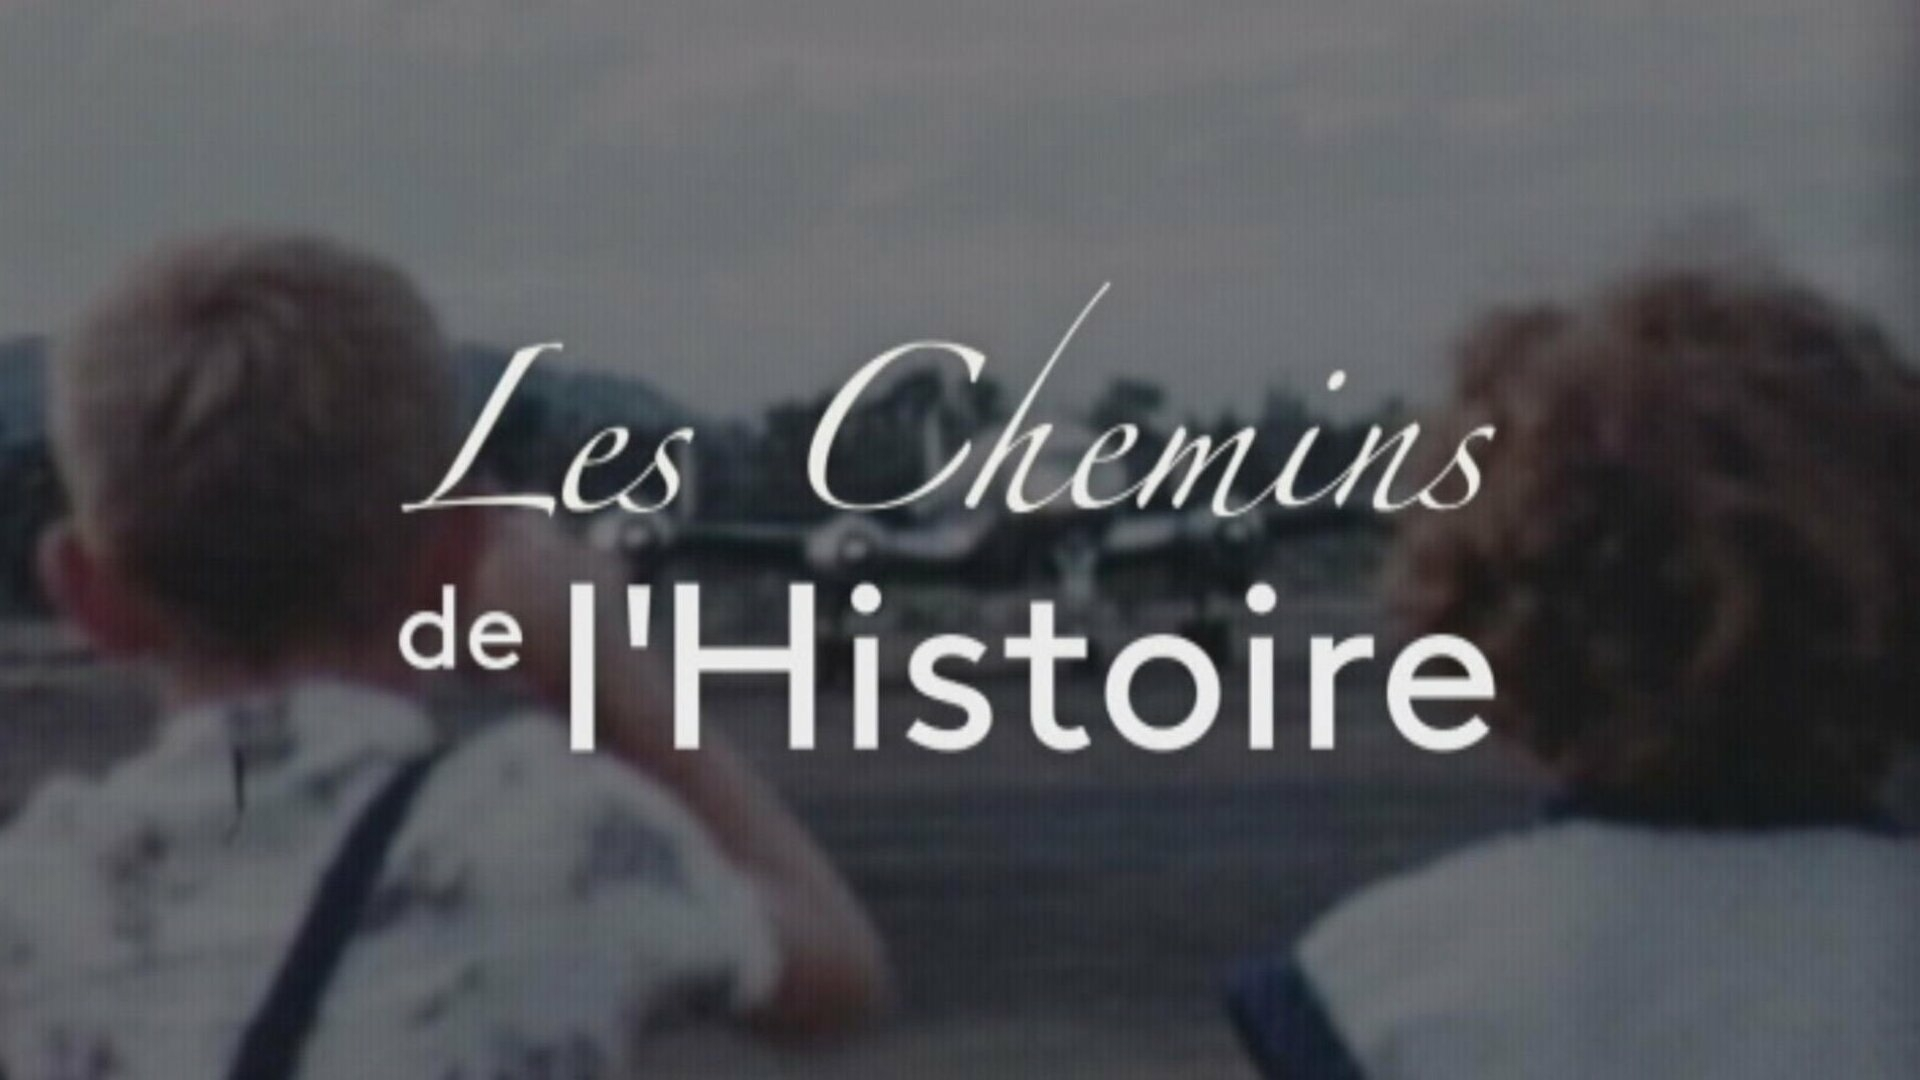 Les chemins de l'histoire : Les épidémies